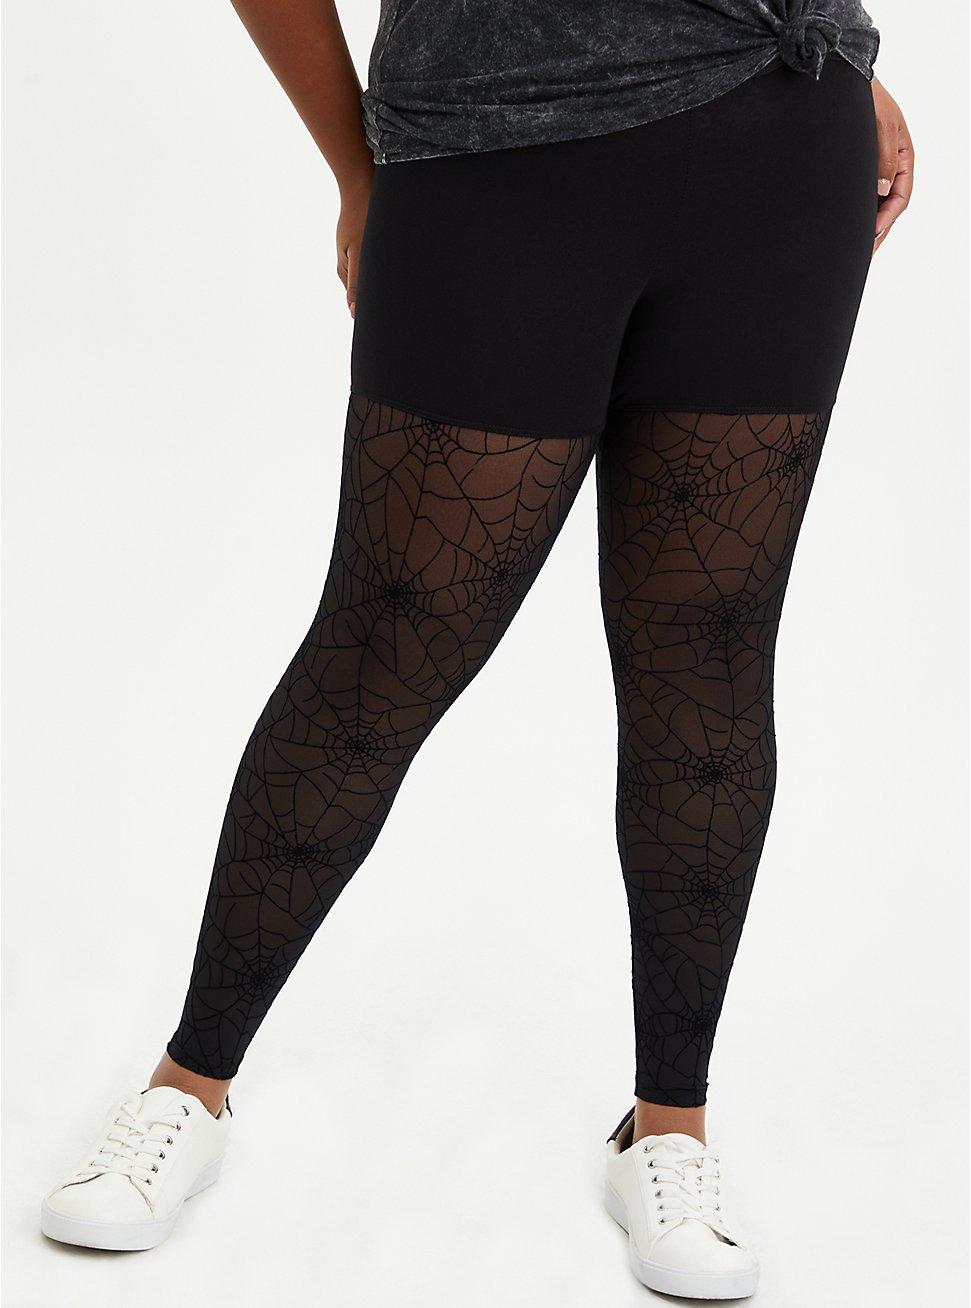 Premium Legging - Flocked Mesh Web Black, BLACK, hi-res